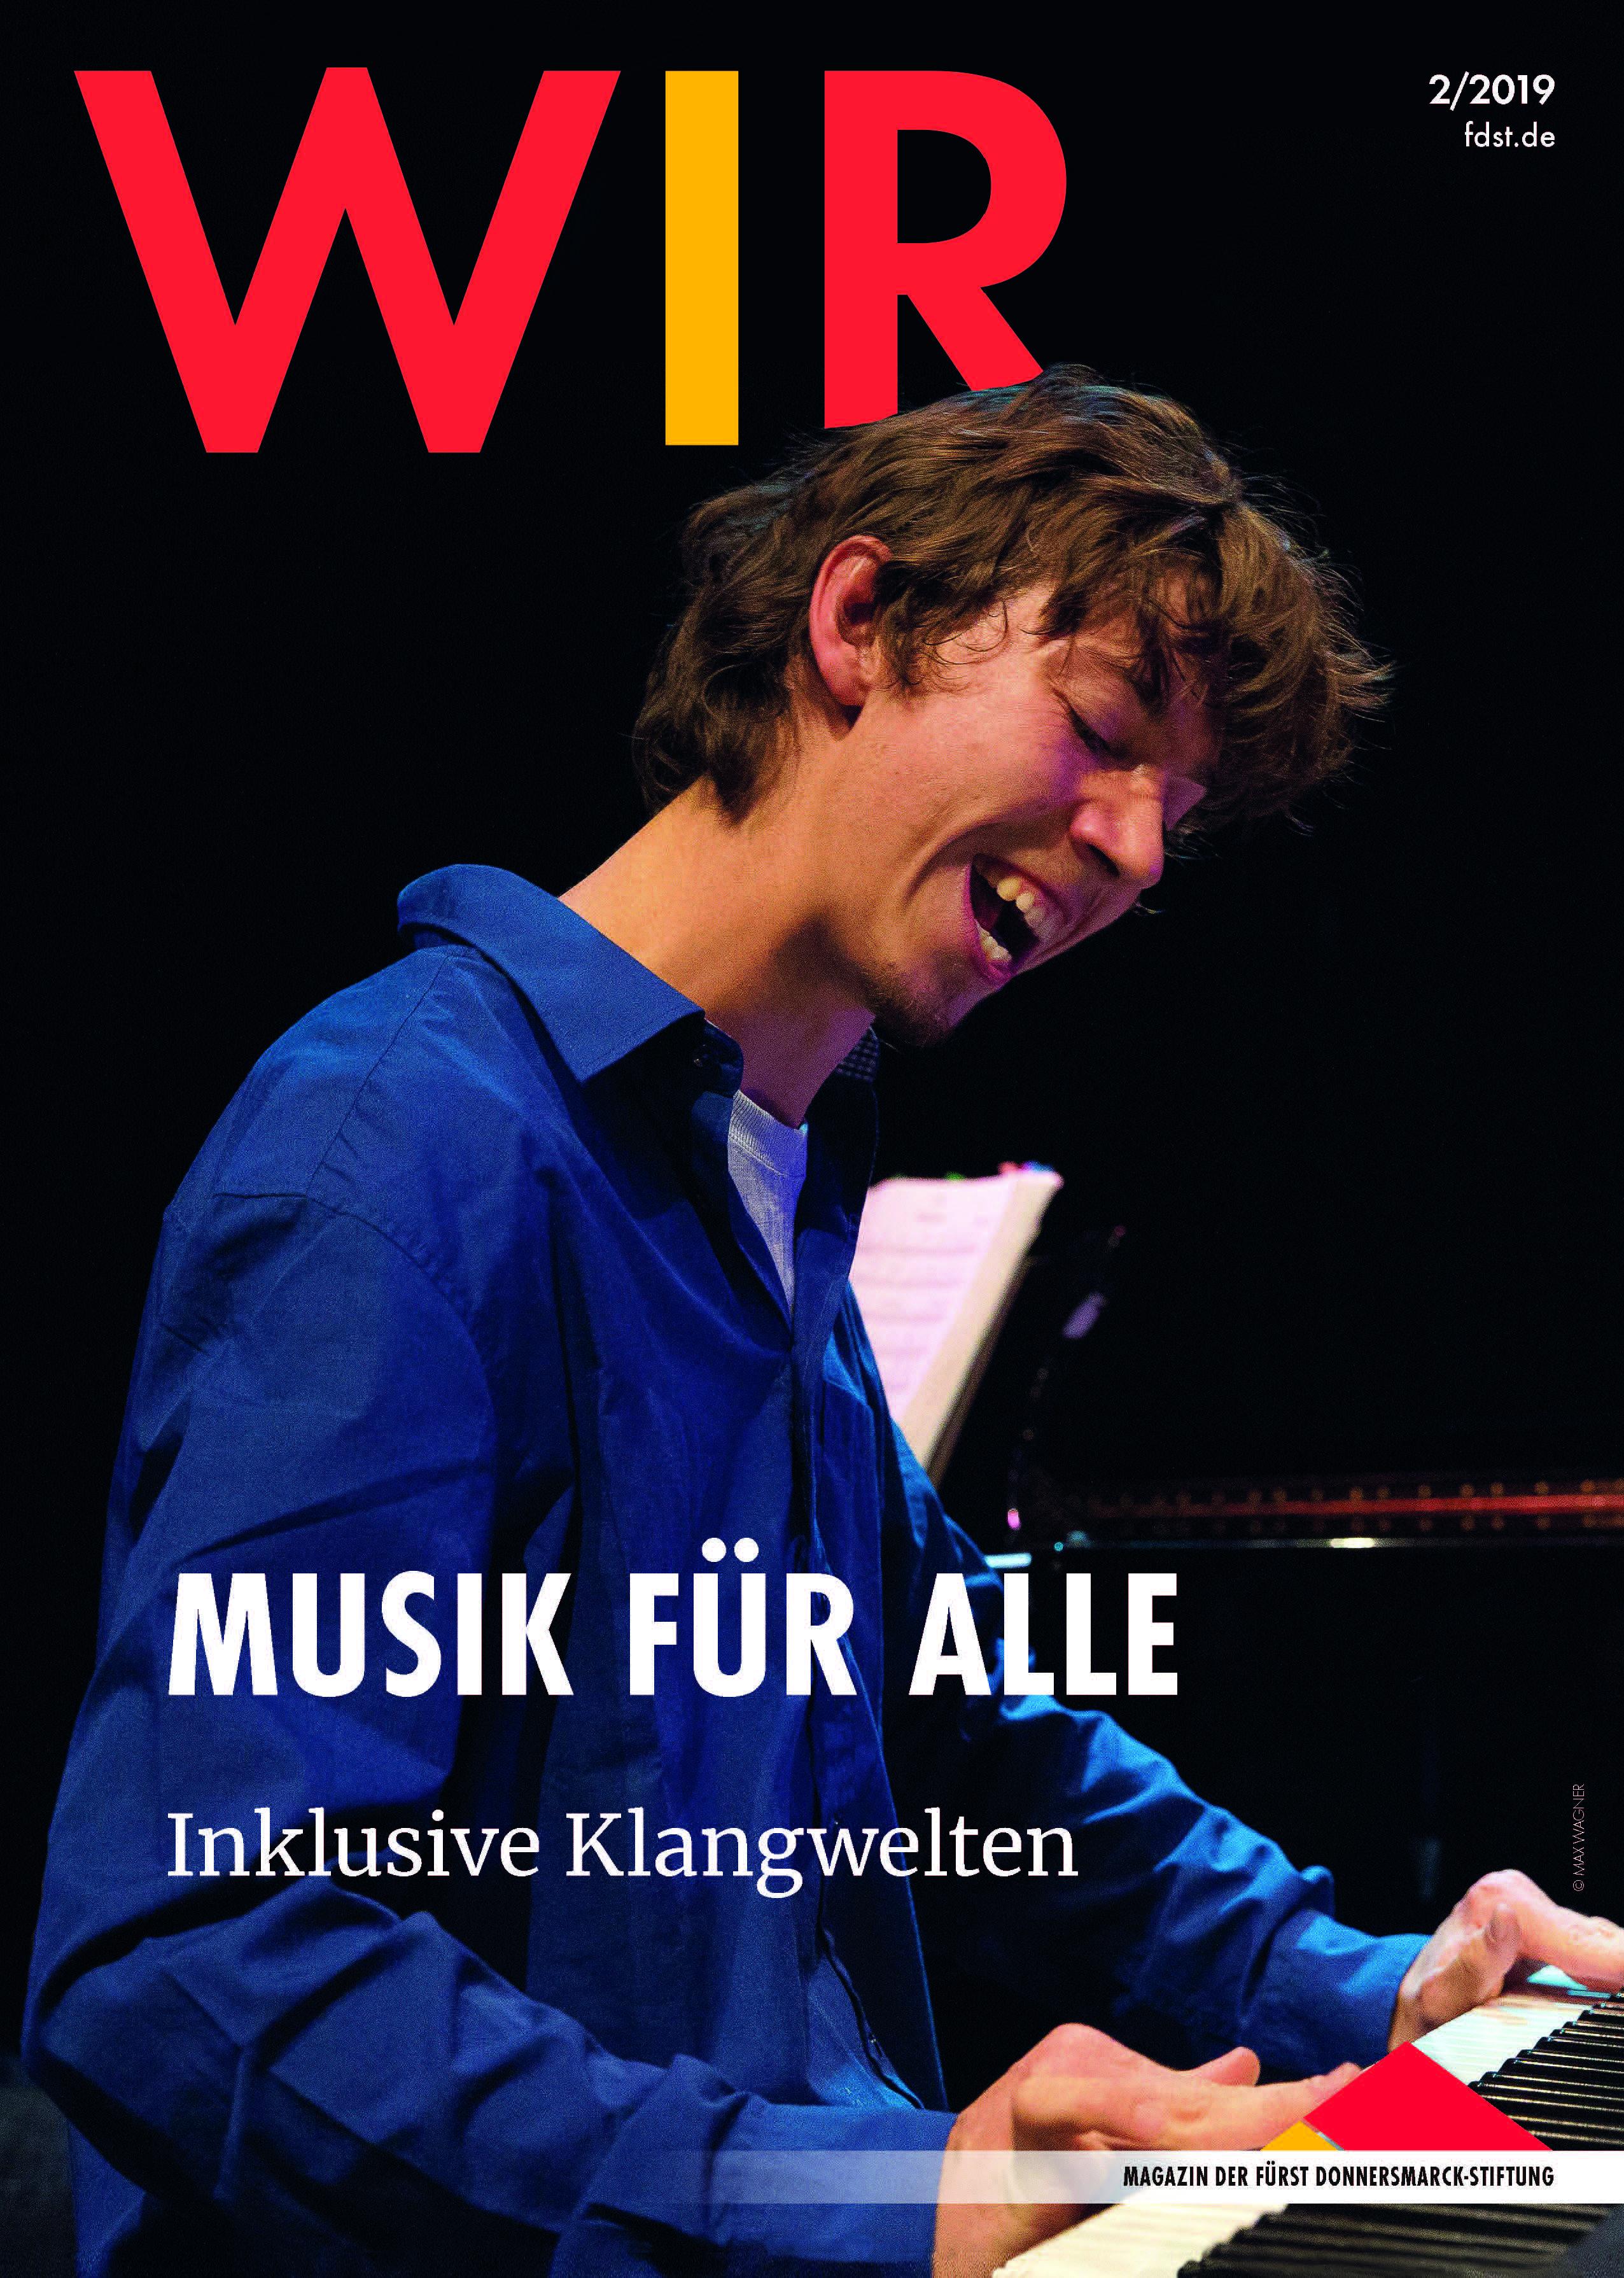 Das Titelblatt der WIR 2/2019